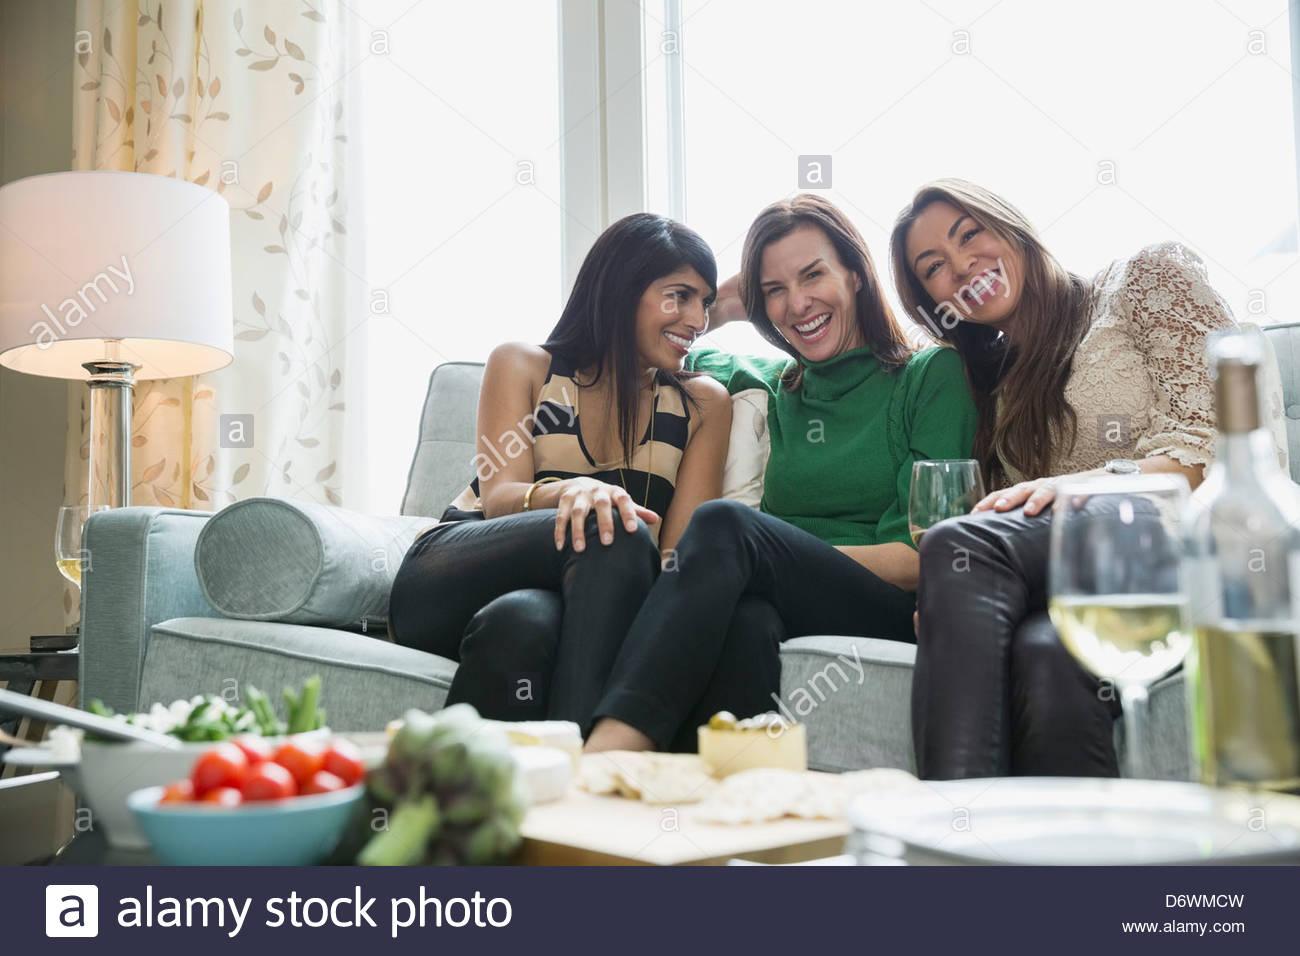 Glücklich Freundinnen genießen House-Party mit Lebensmitteln im Vordergrund Stockbild